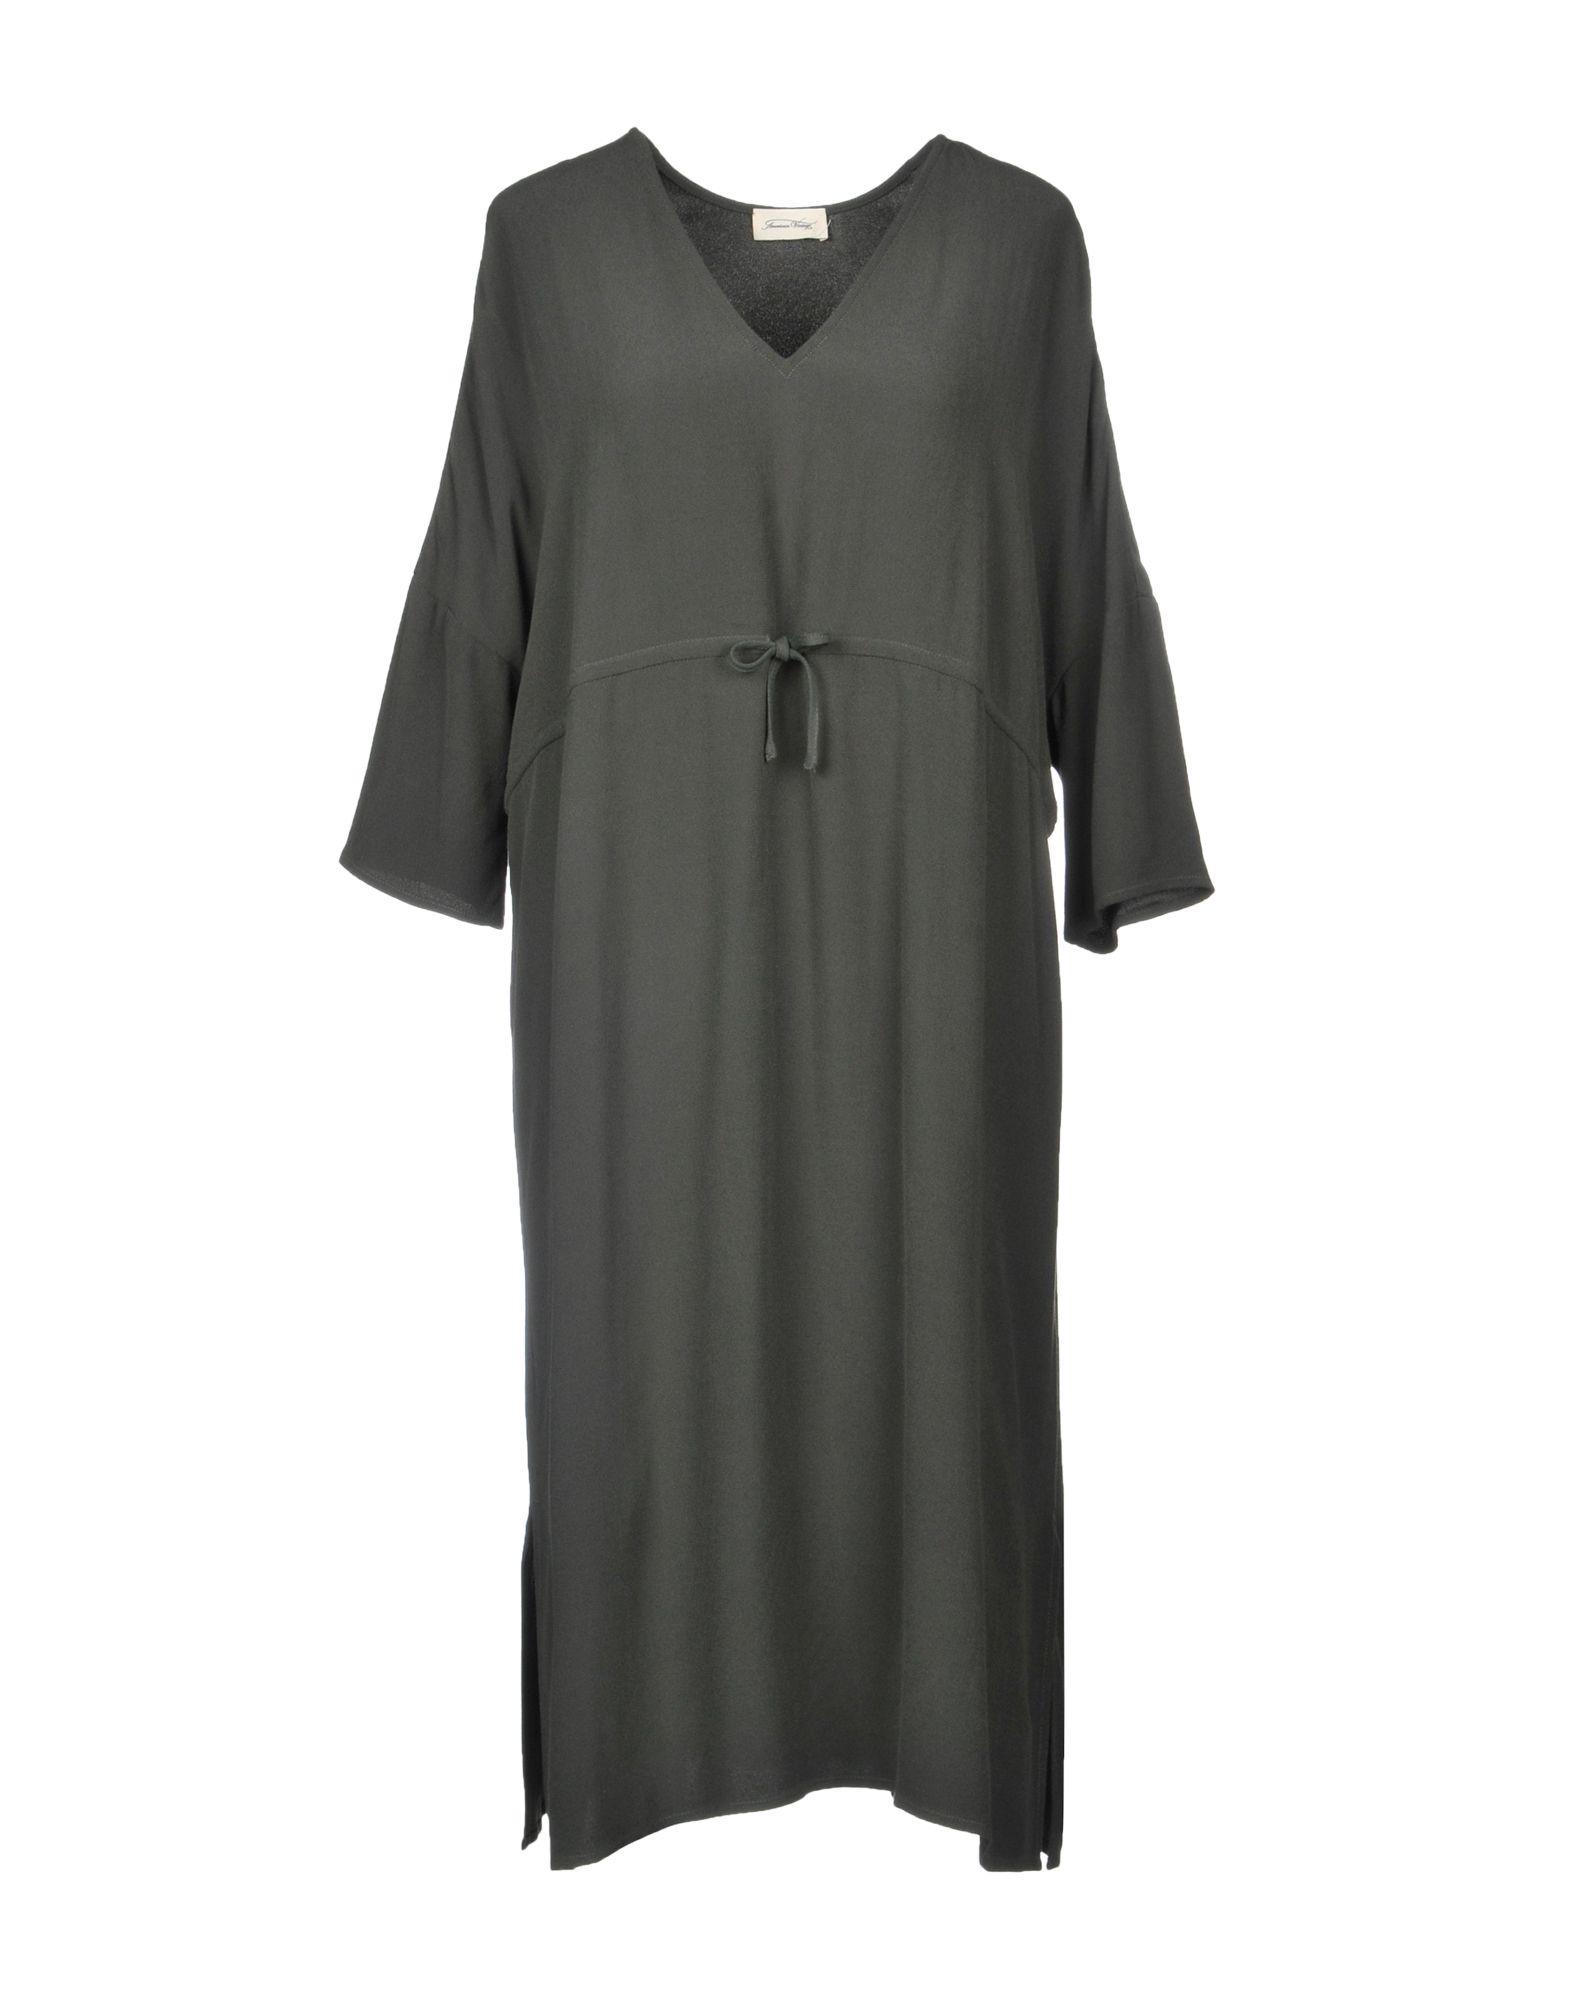 где купить AMERICAN VINTAGE Платье до колена по лучшей цене